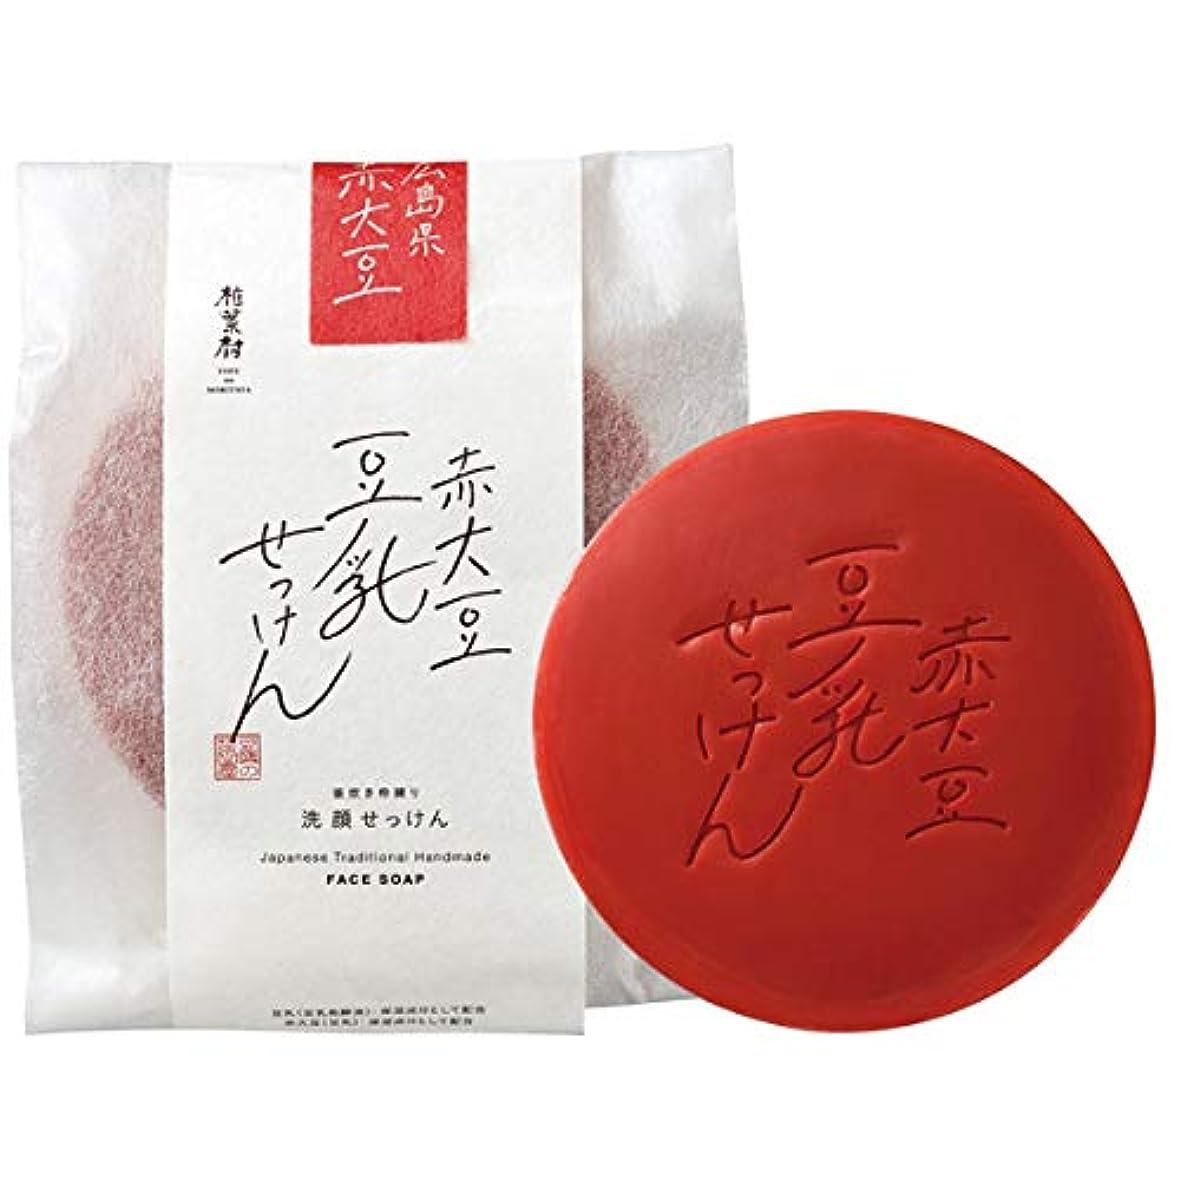 ビーズ大気醸造所豆腐の盛田屋 赤大豆豆乳せっけん 100g